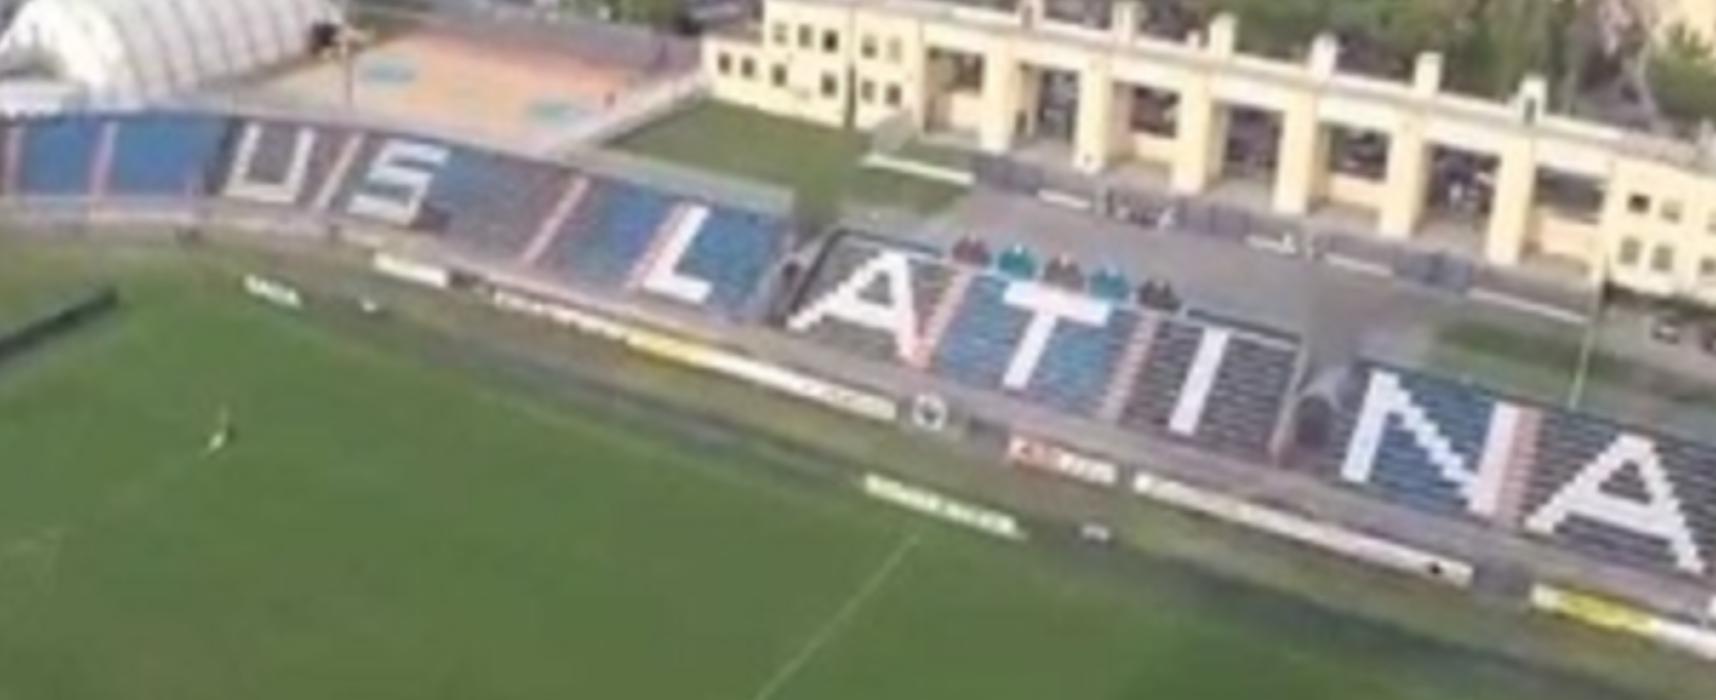 Latina – Trastevere: la squadra del Rione entra in campo solo al secondo tempo